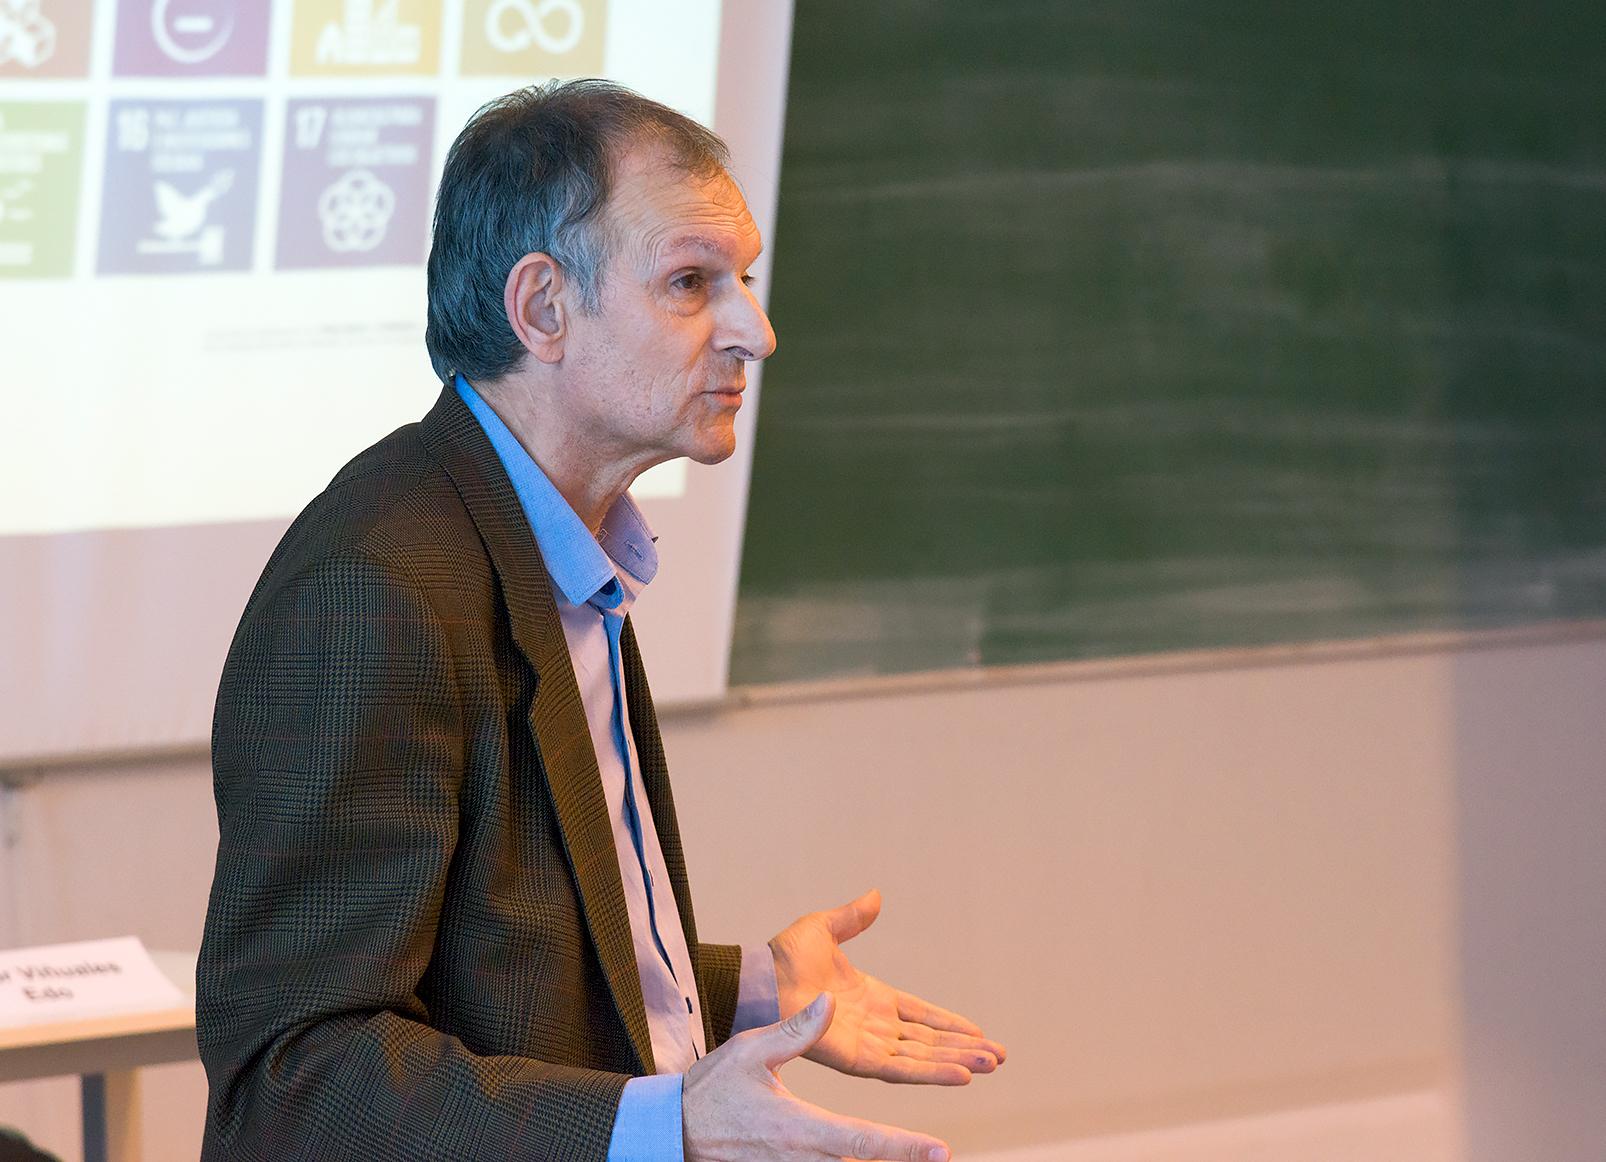 """Víctor VIñuales, director de la Fundación Ecología y Desarrollo, va participar a la sessió siultània """"Les empreses davant del canvi climàtic""""."""